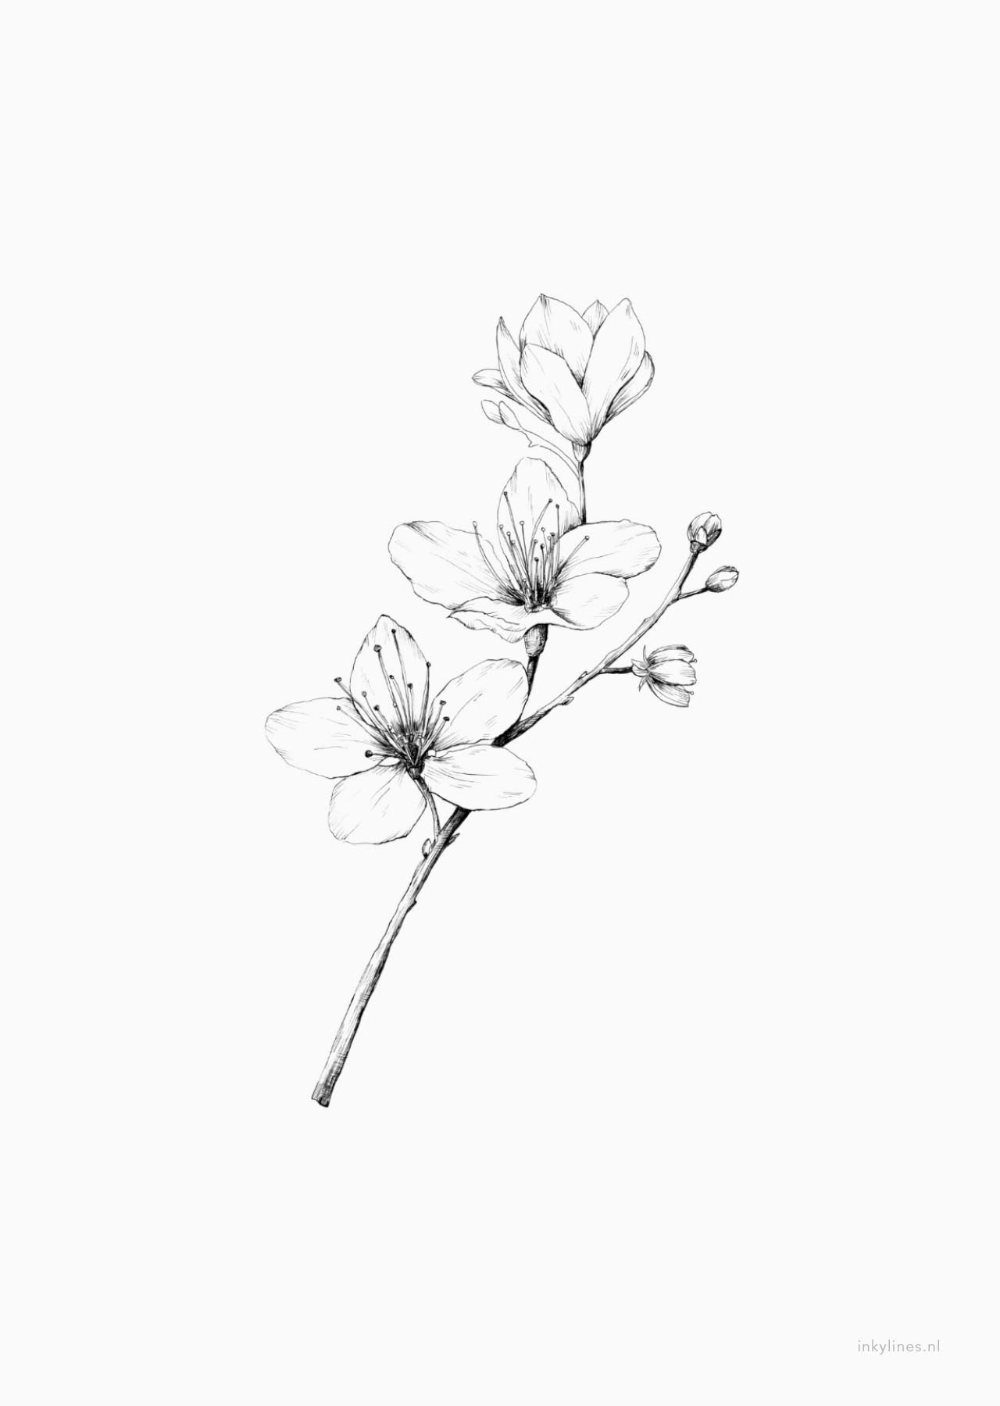 Flowers Cherry Blossom Blossom Tattoo Cherry Blossom Tattoo Cherry Blossom Drawing